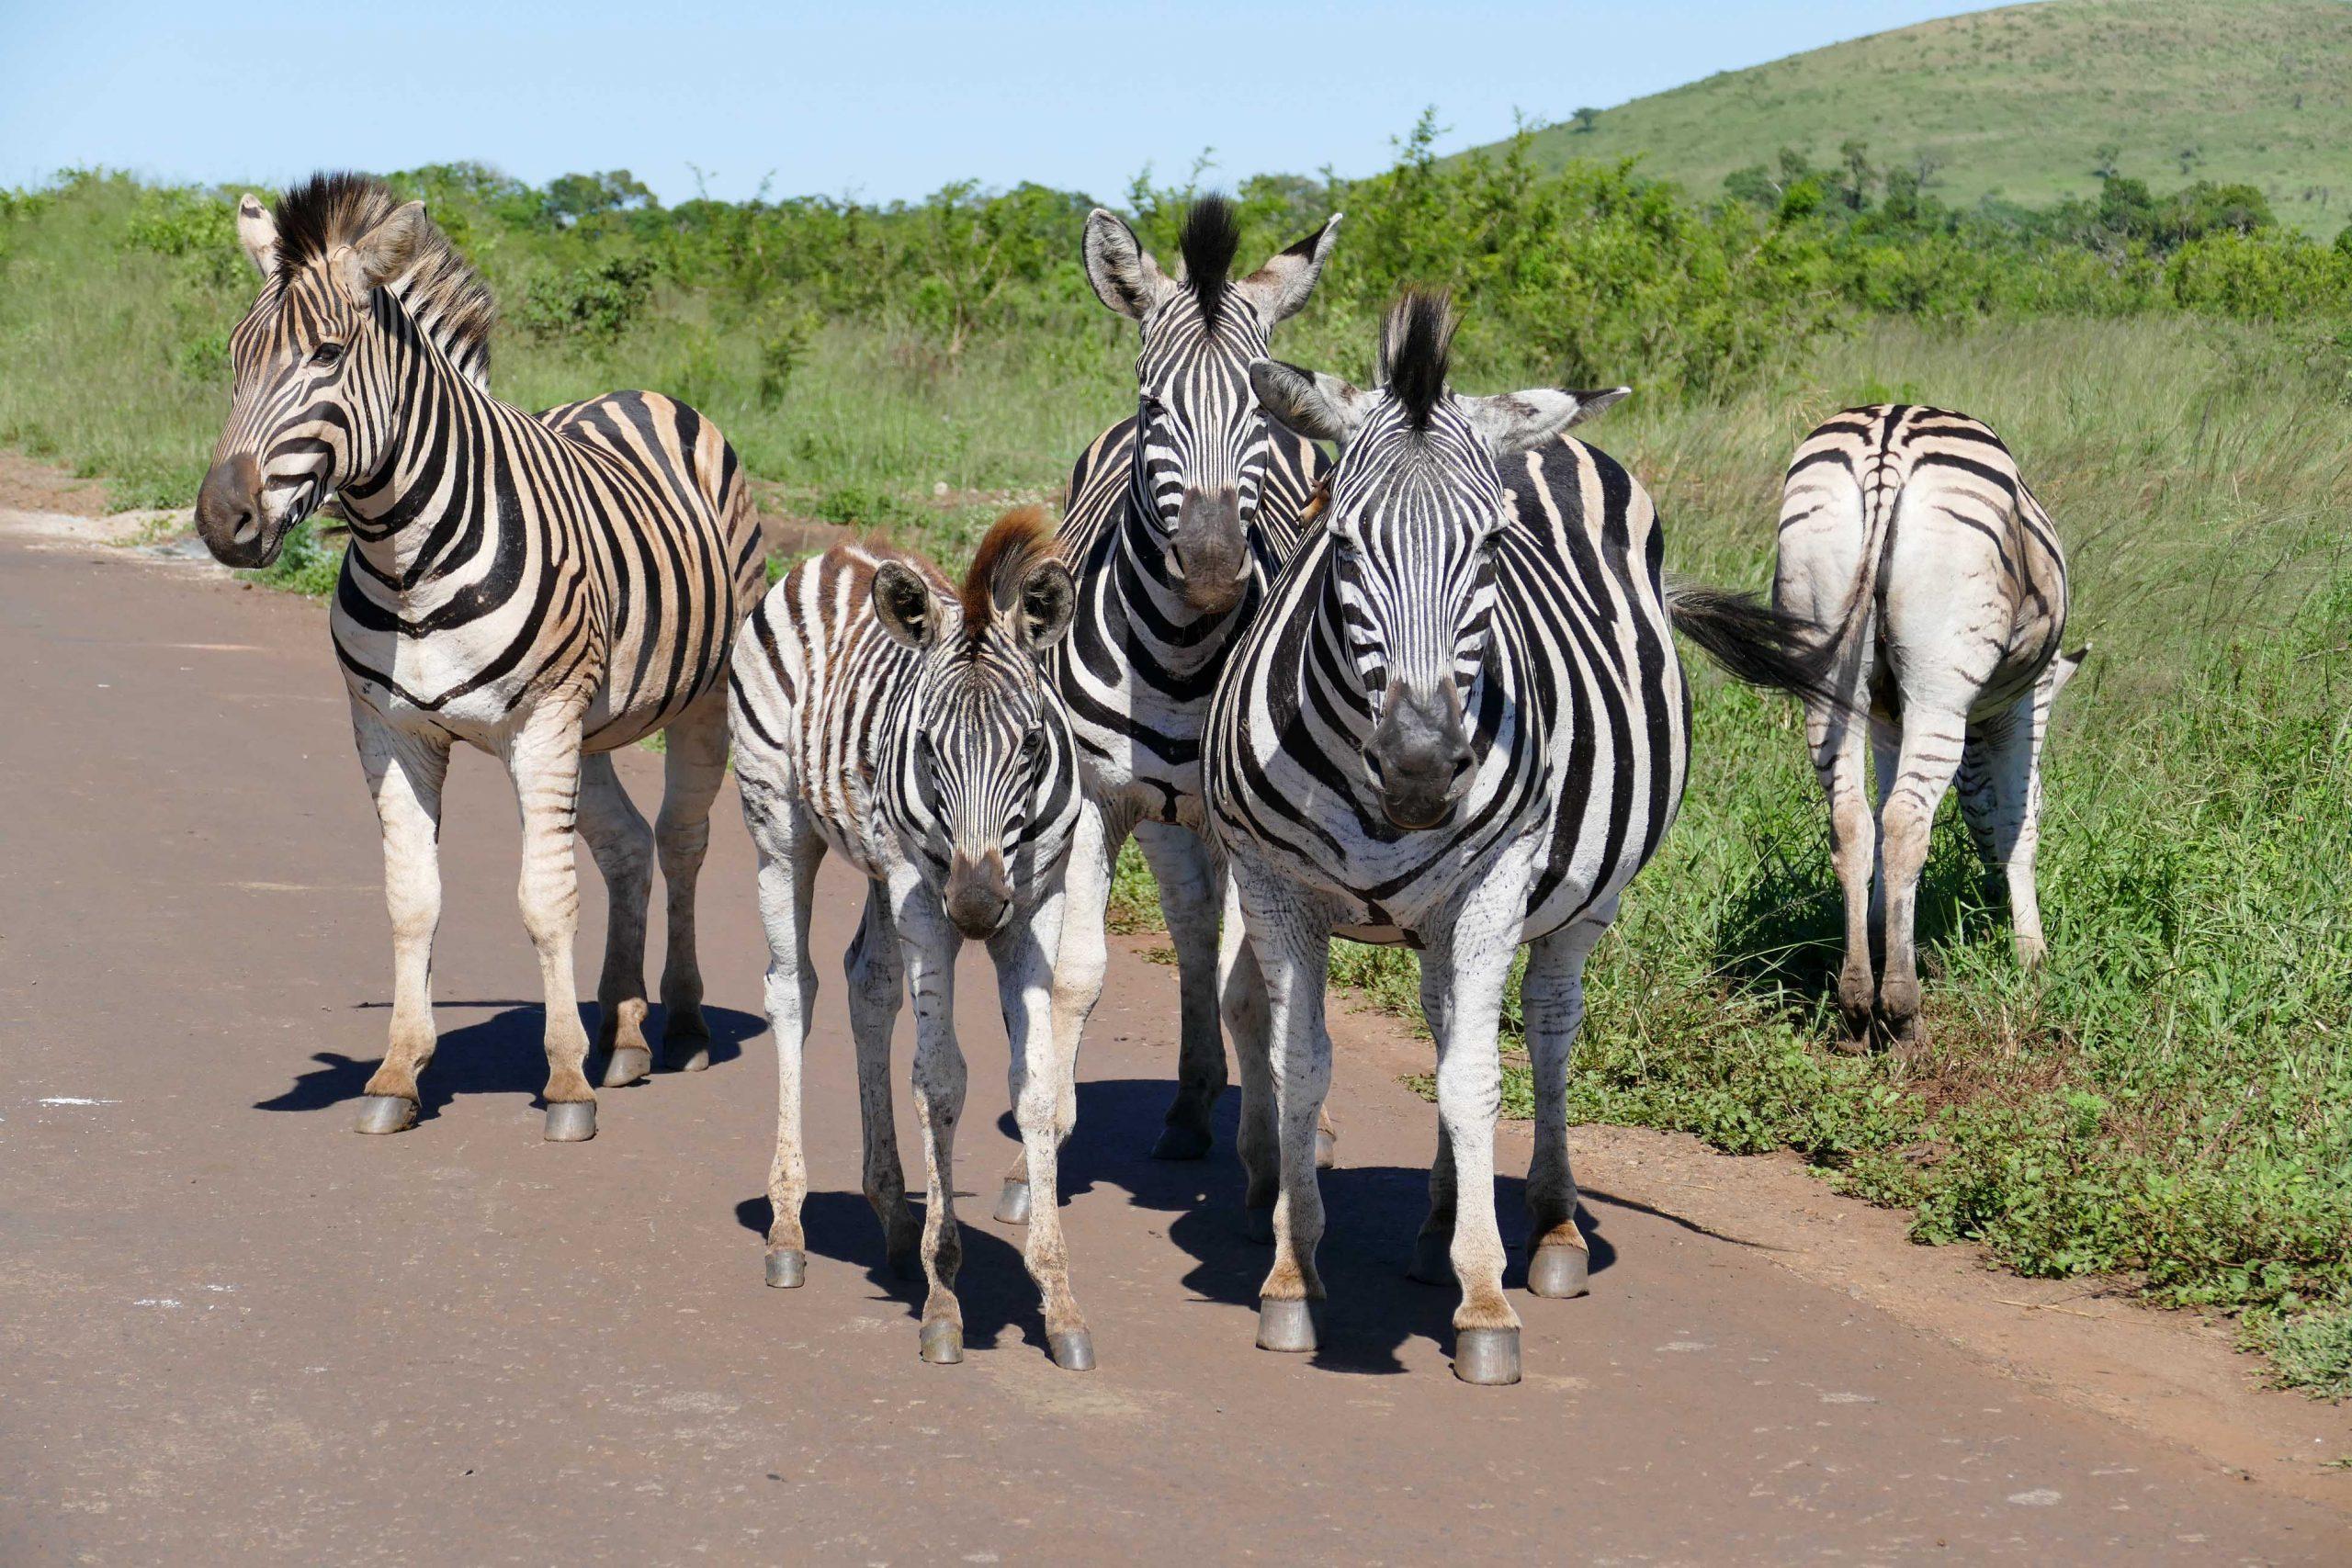 A La Rencontre Des Animaux Sauvages En Afrique Du Sud concernant Les Animaux De L Afrique